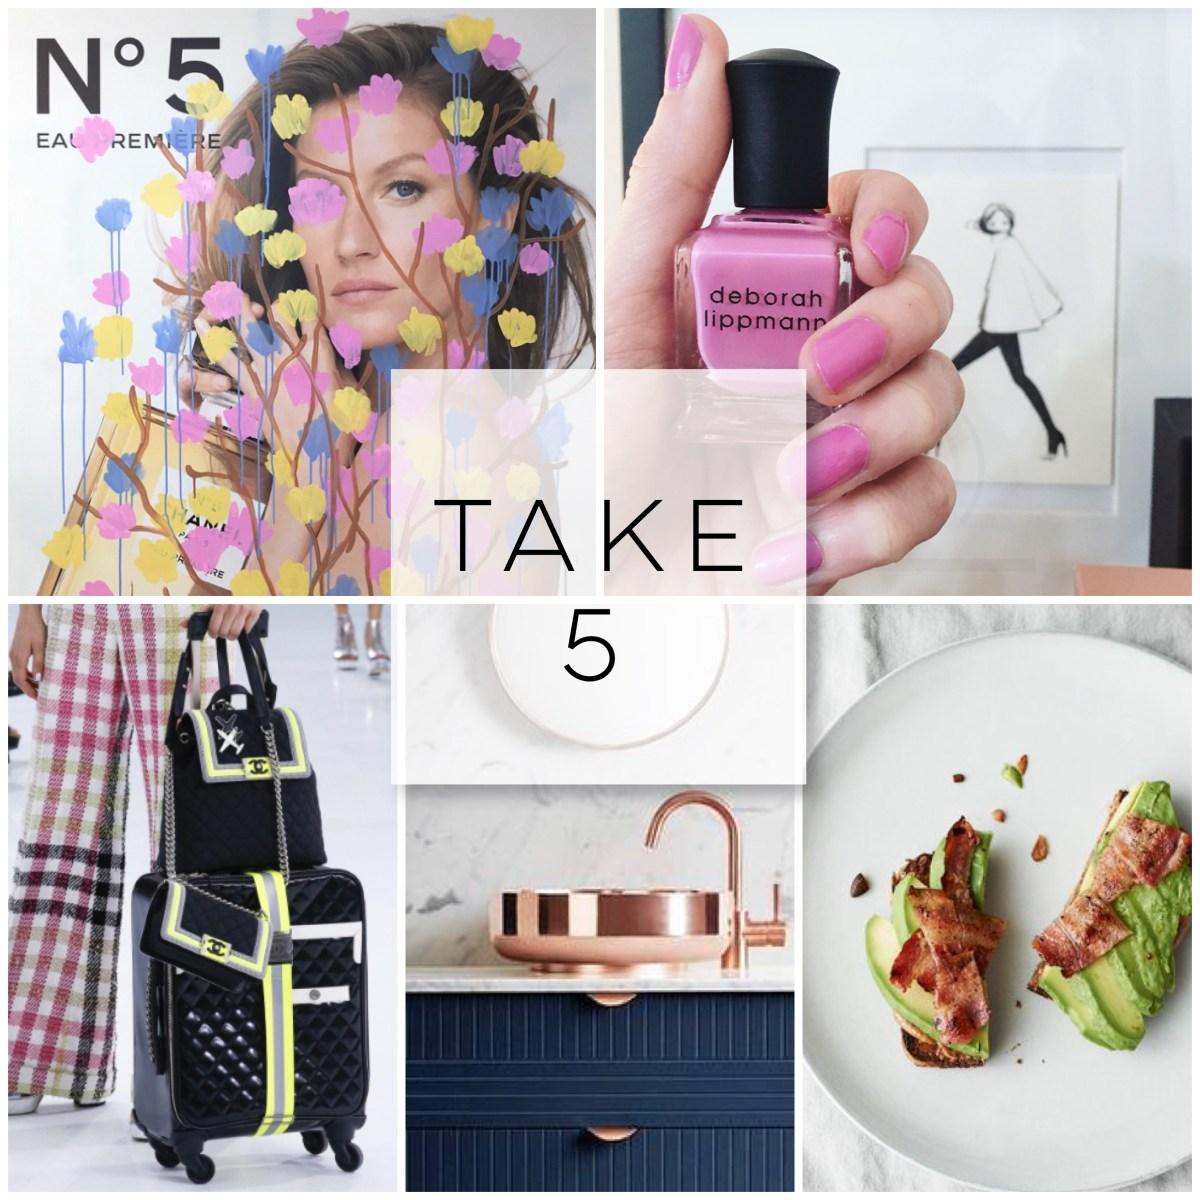 miami lifestyle blog-article-take 5